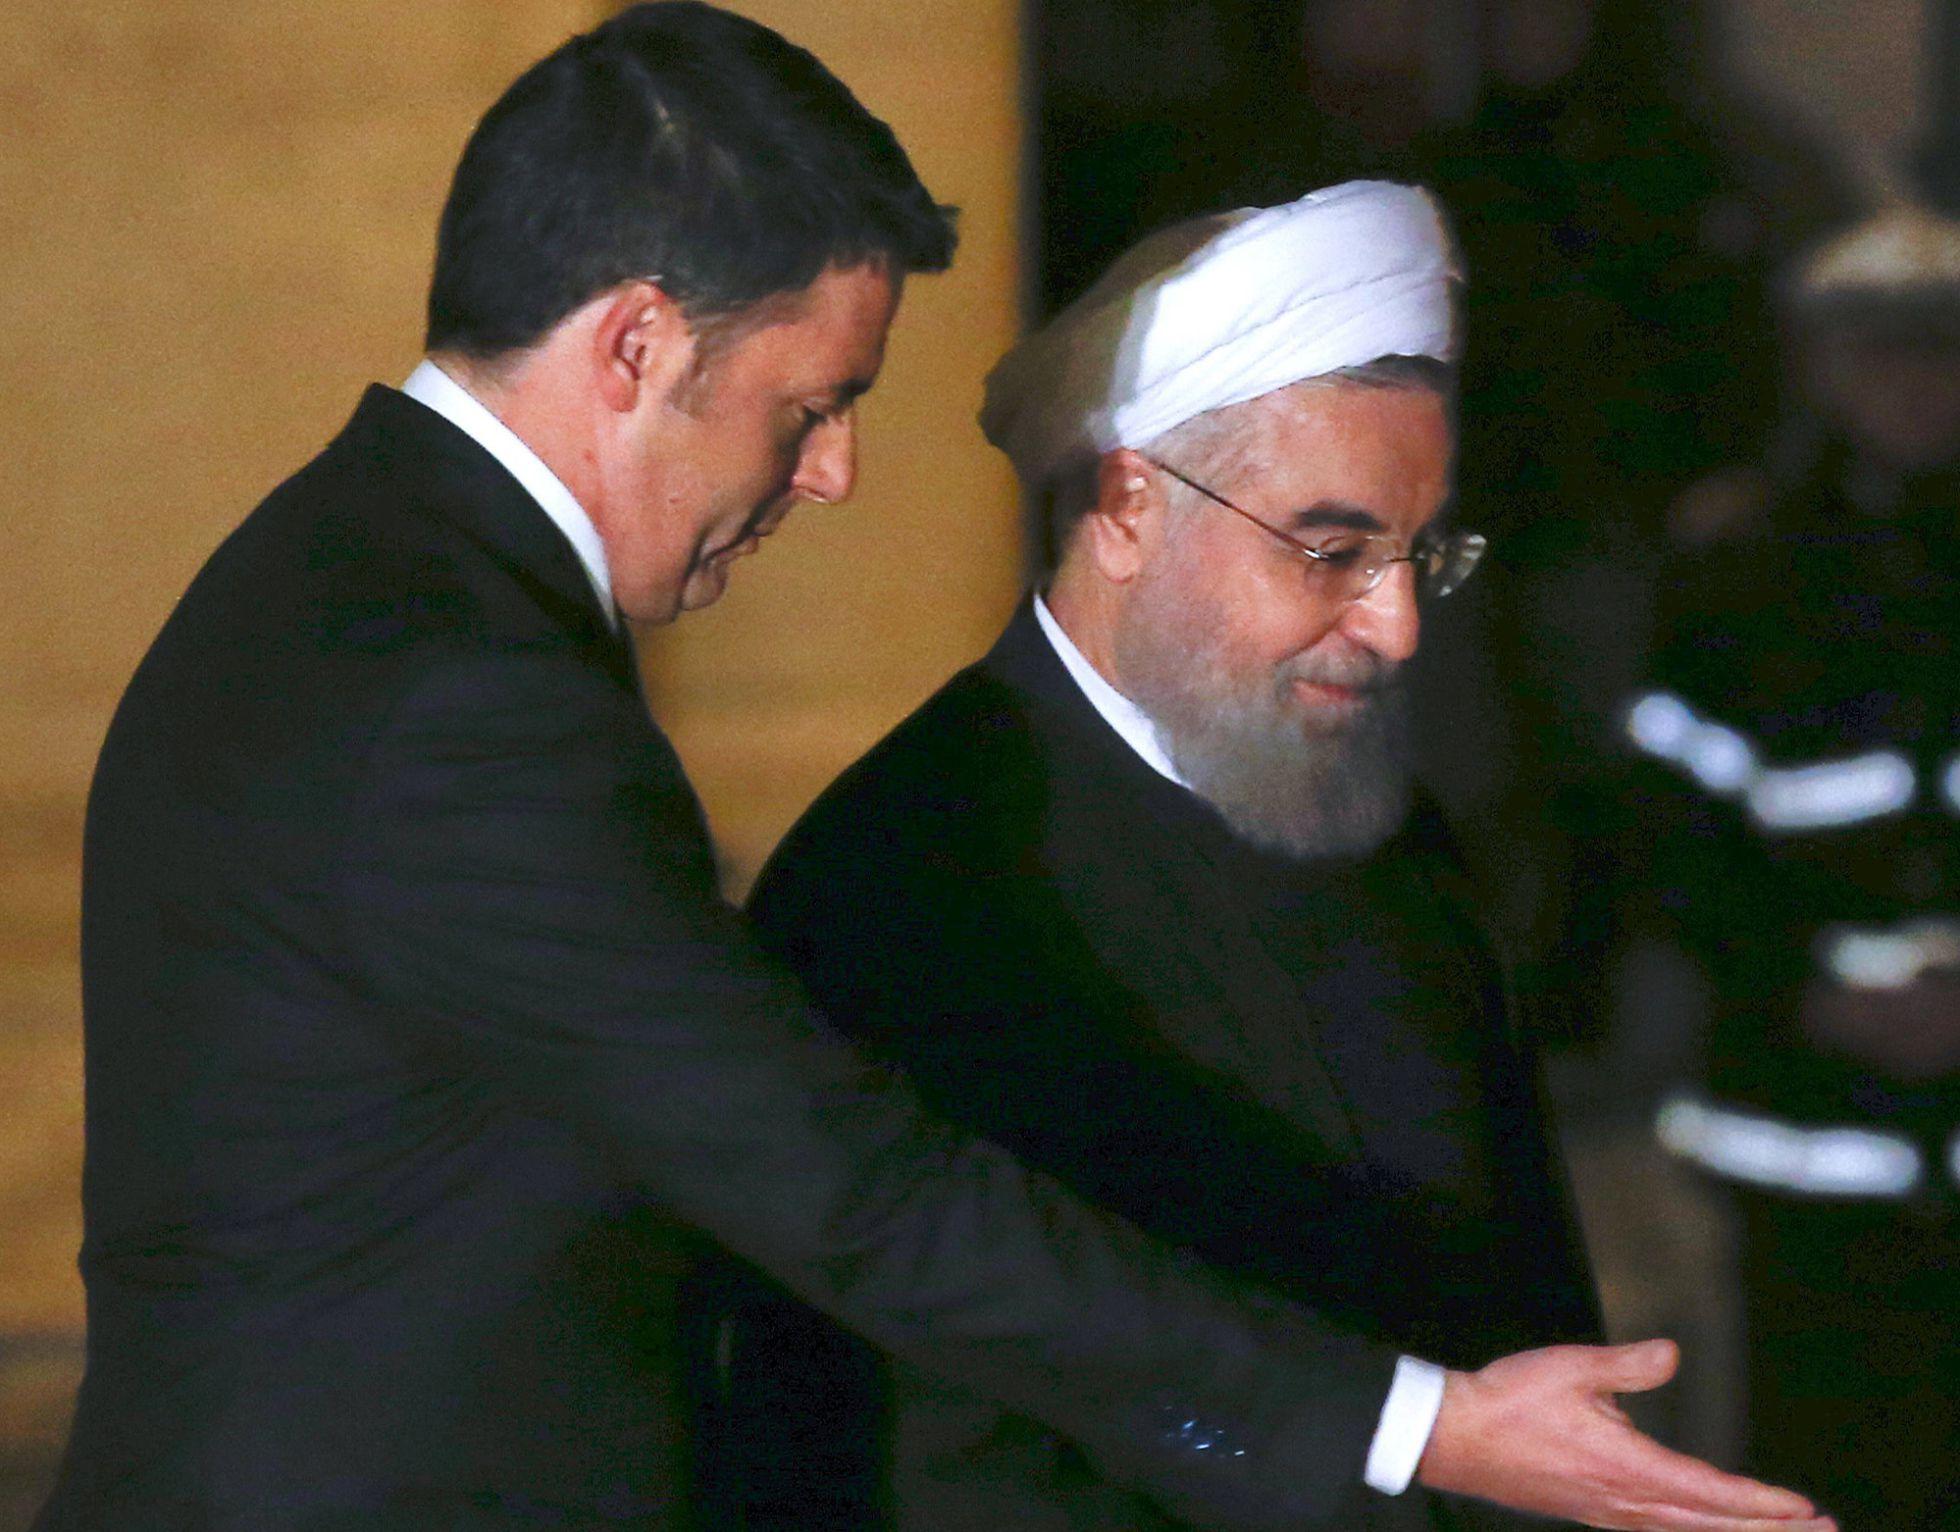 militar - Pacto Nuclear con Irán - Página 30 1453751479_280276_1453751620_noticia_normal_recorte1